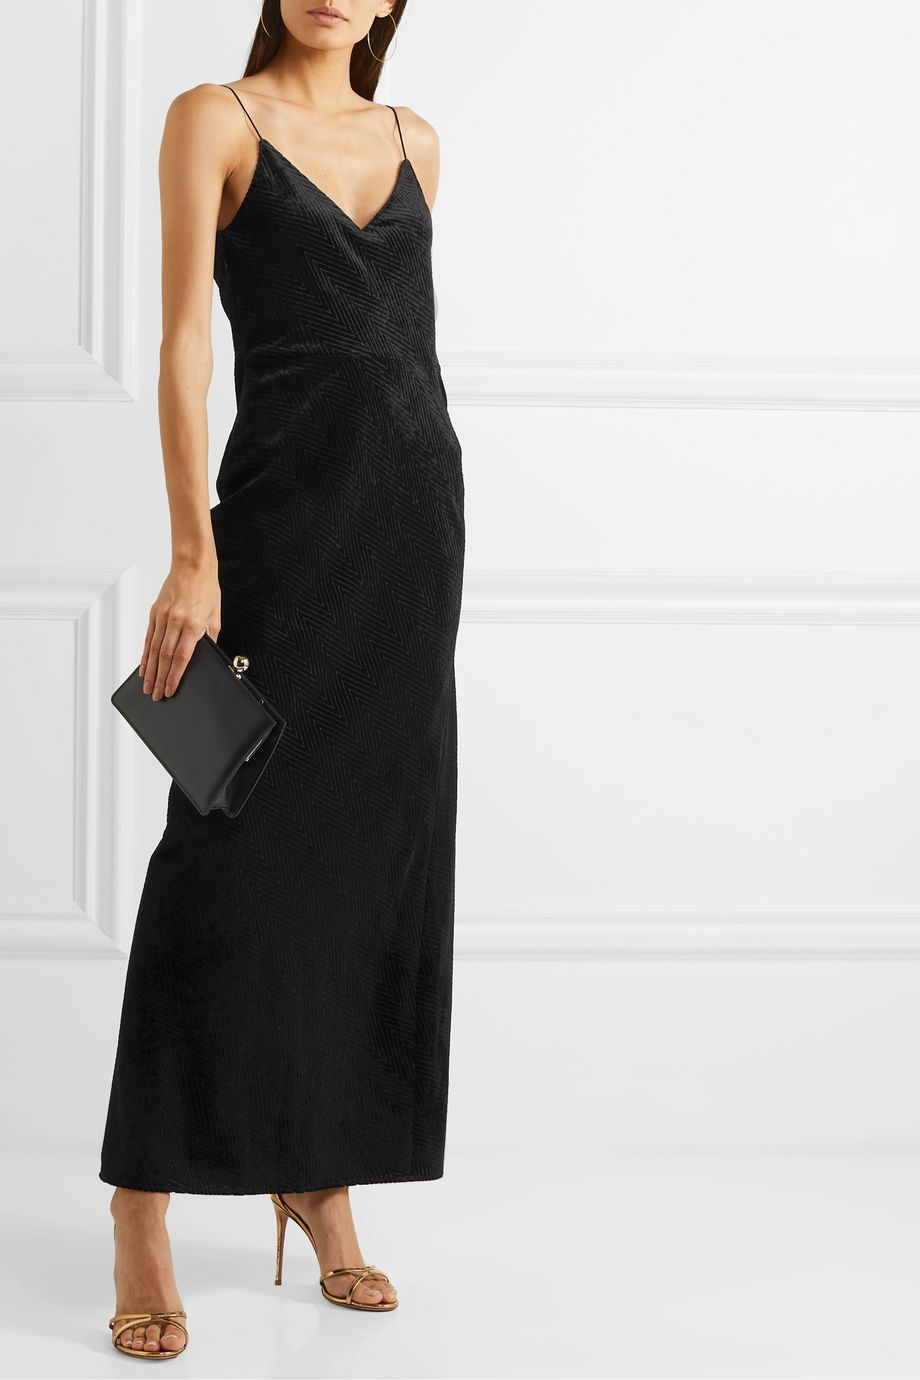 Nili Lotan Josephine devoré-velvet gown